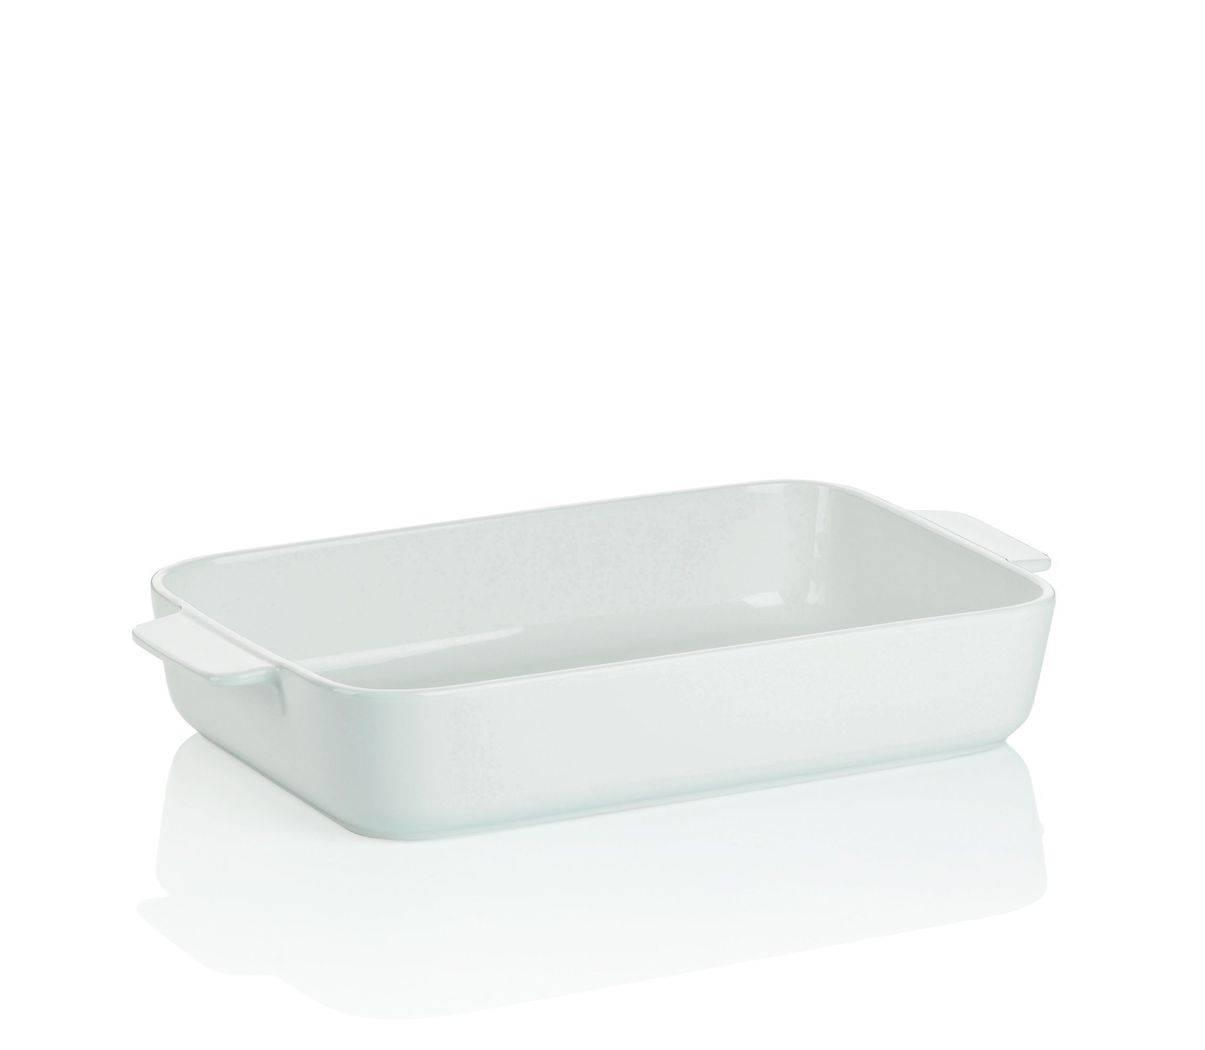 Pekáč ESTER 34,5x20x6 cm porcelán KL-11687 - Kela